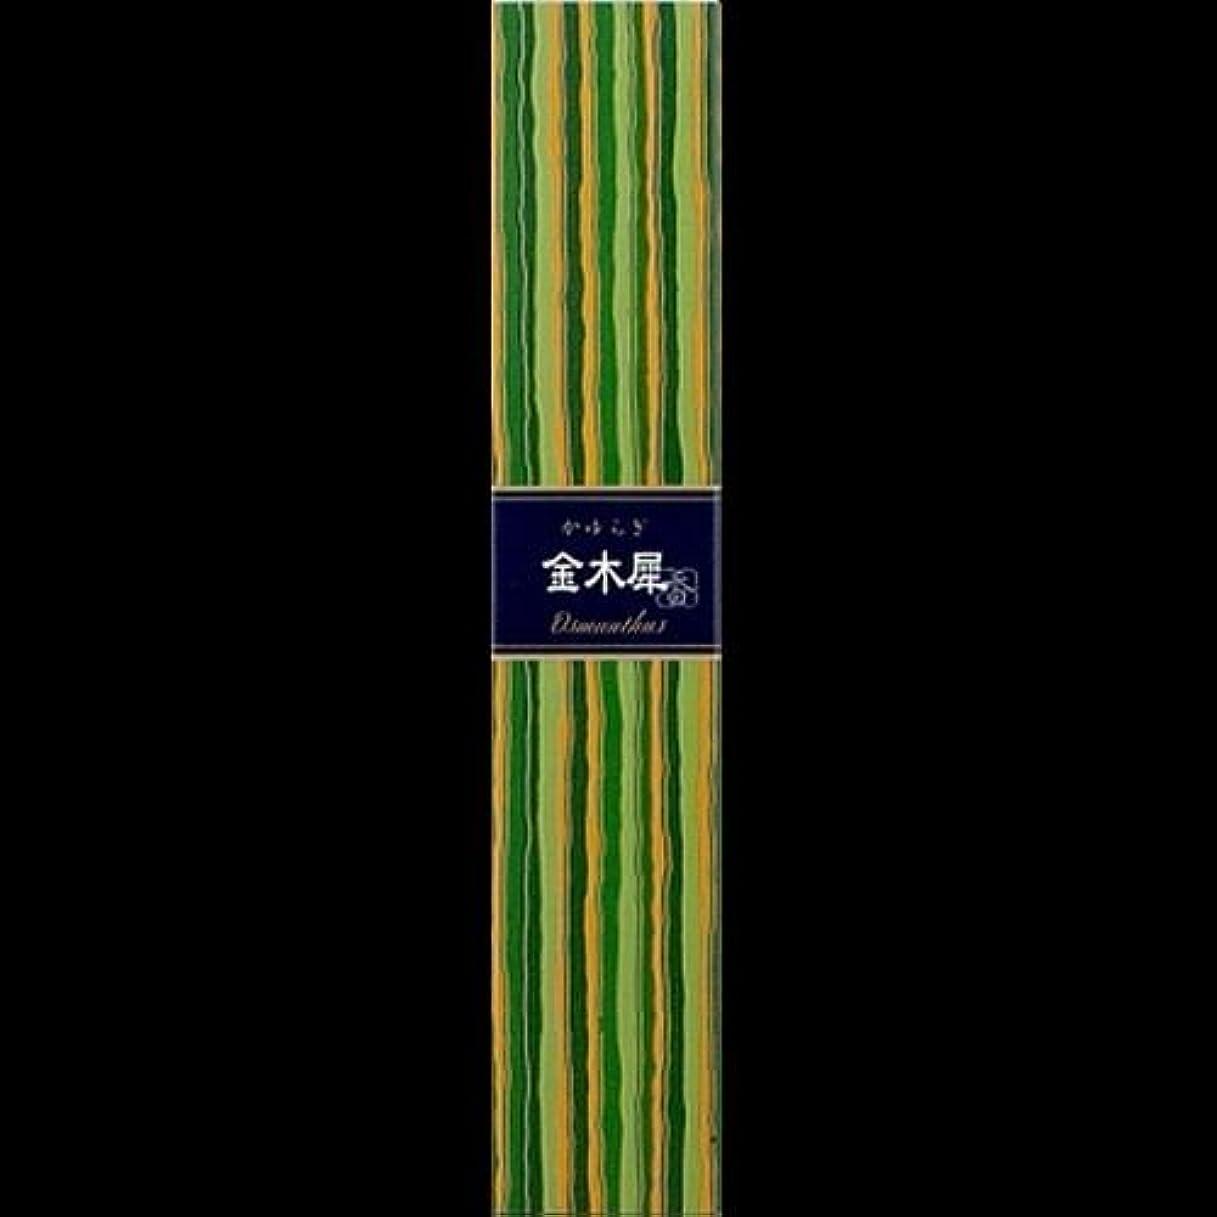 名義で珍しい【まとめ買い】かゆらぎ 金木犀(きんもくせい) ×2セット